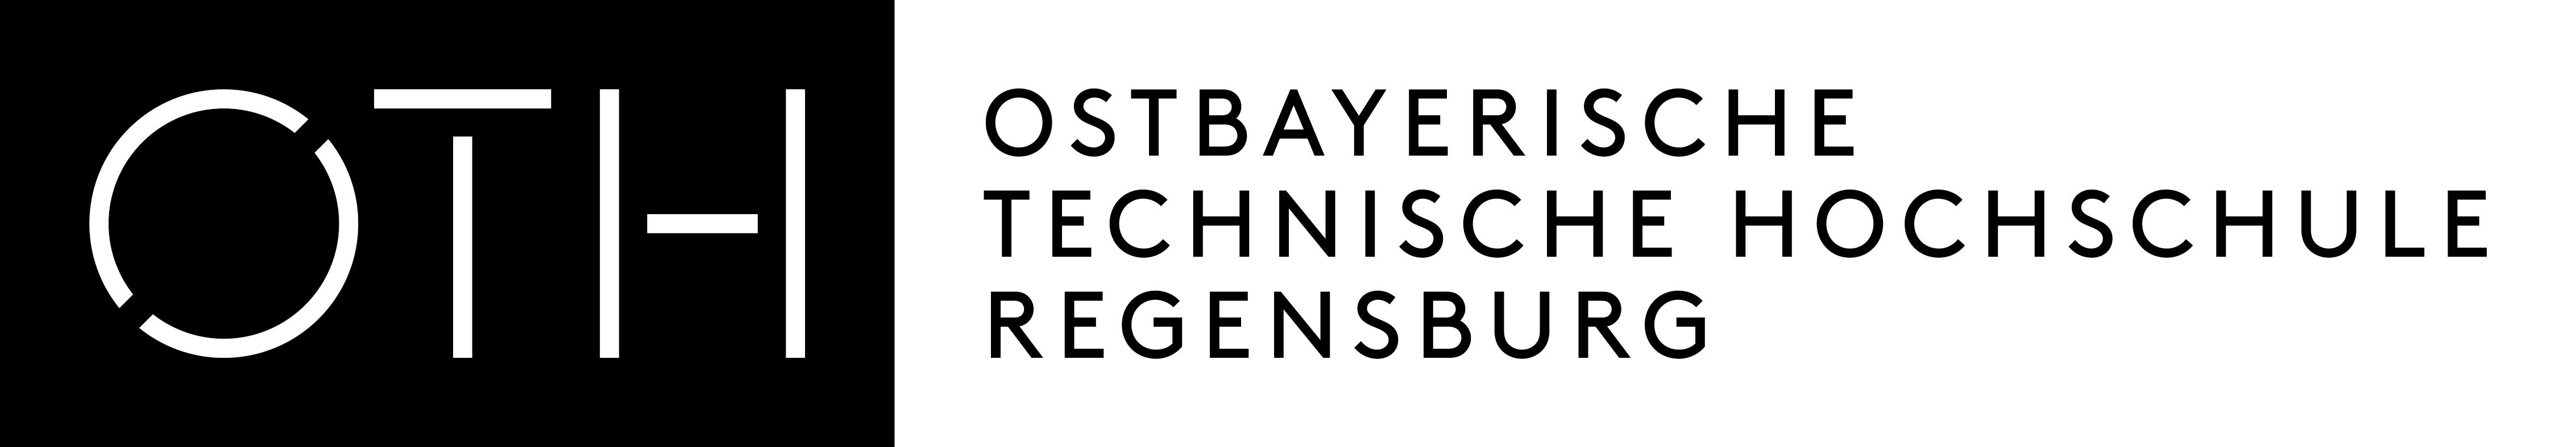 Oth Regensburg E Mail Outlook